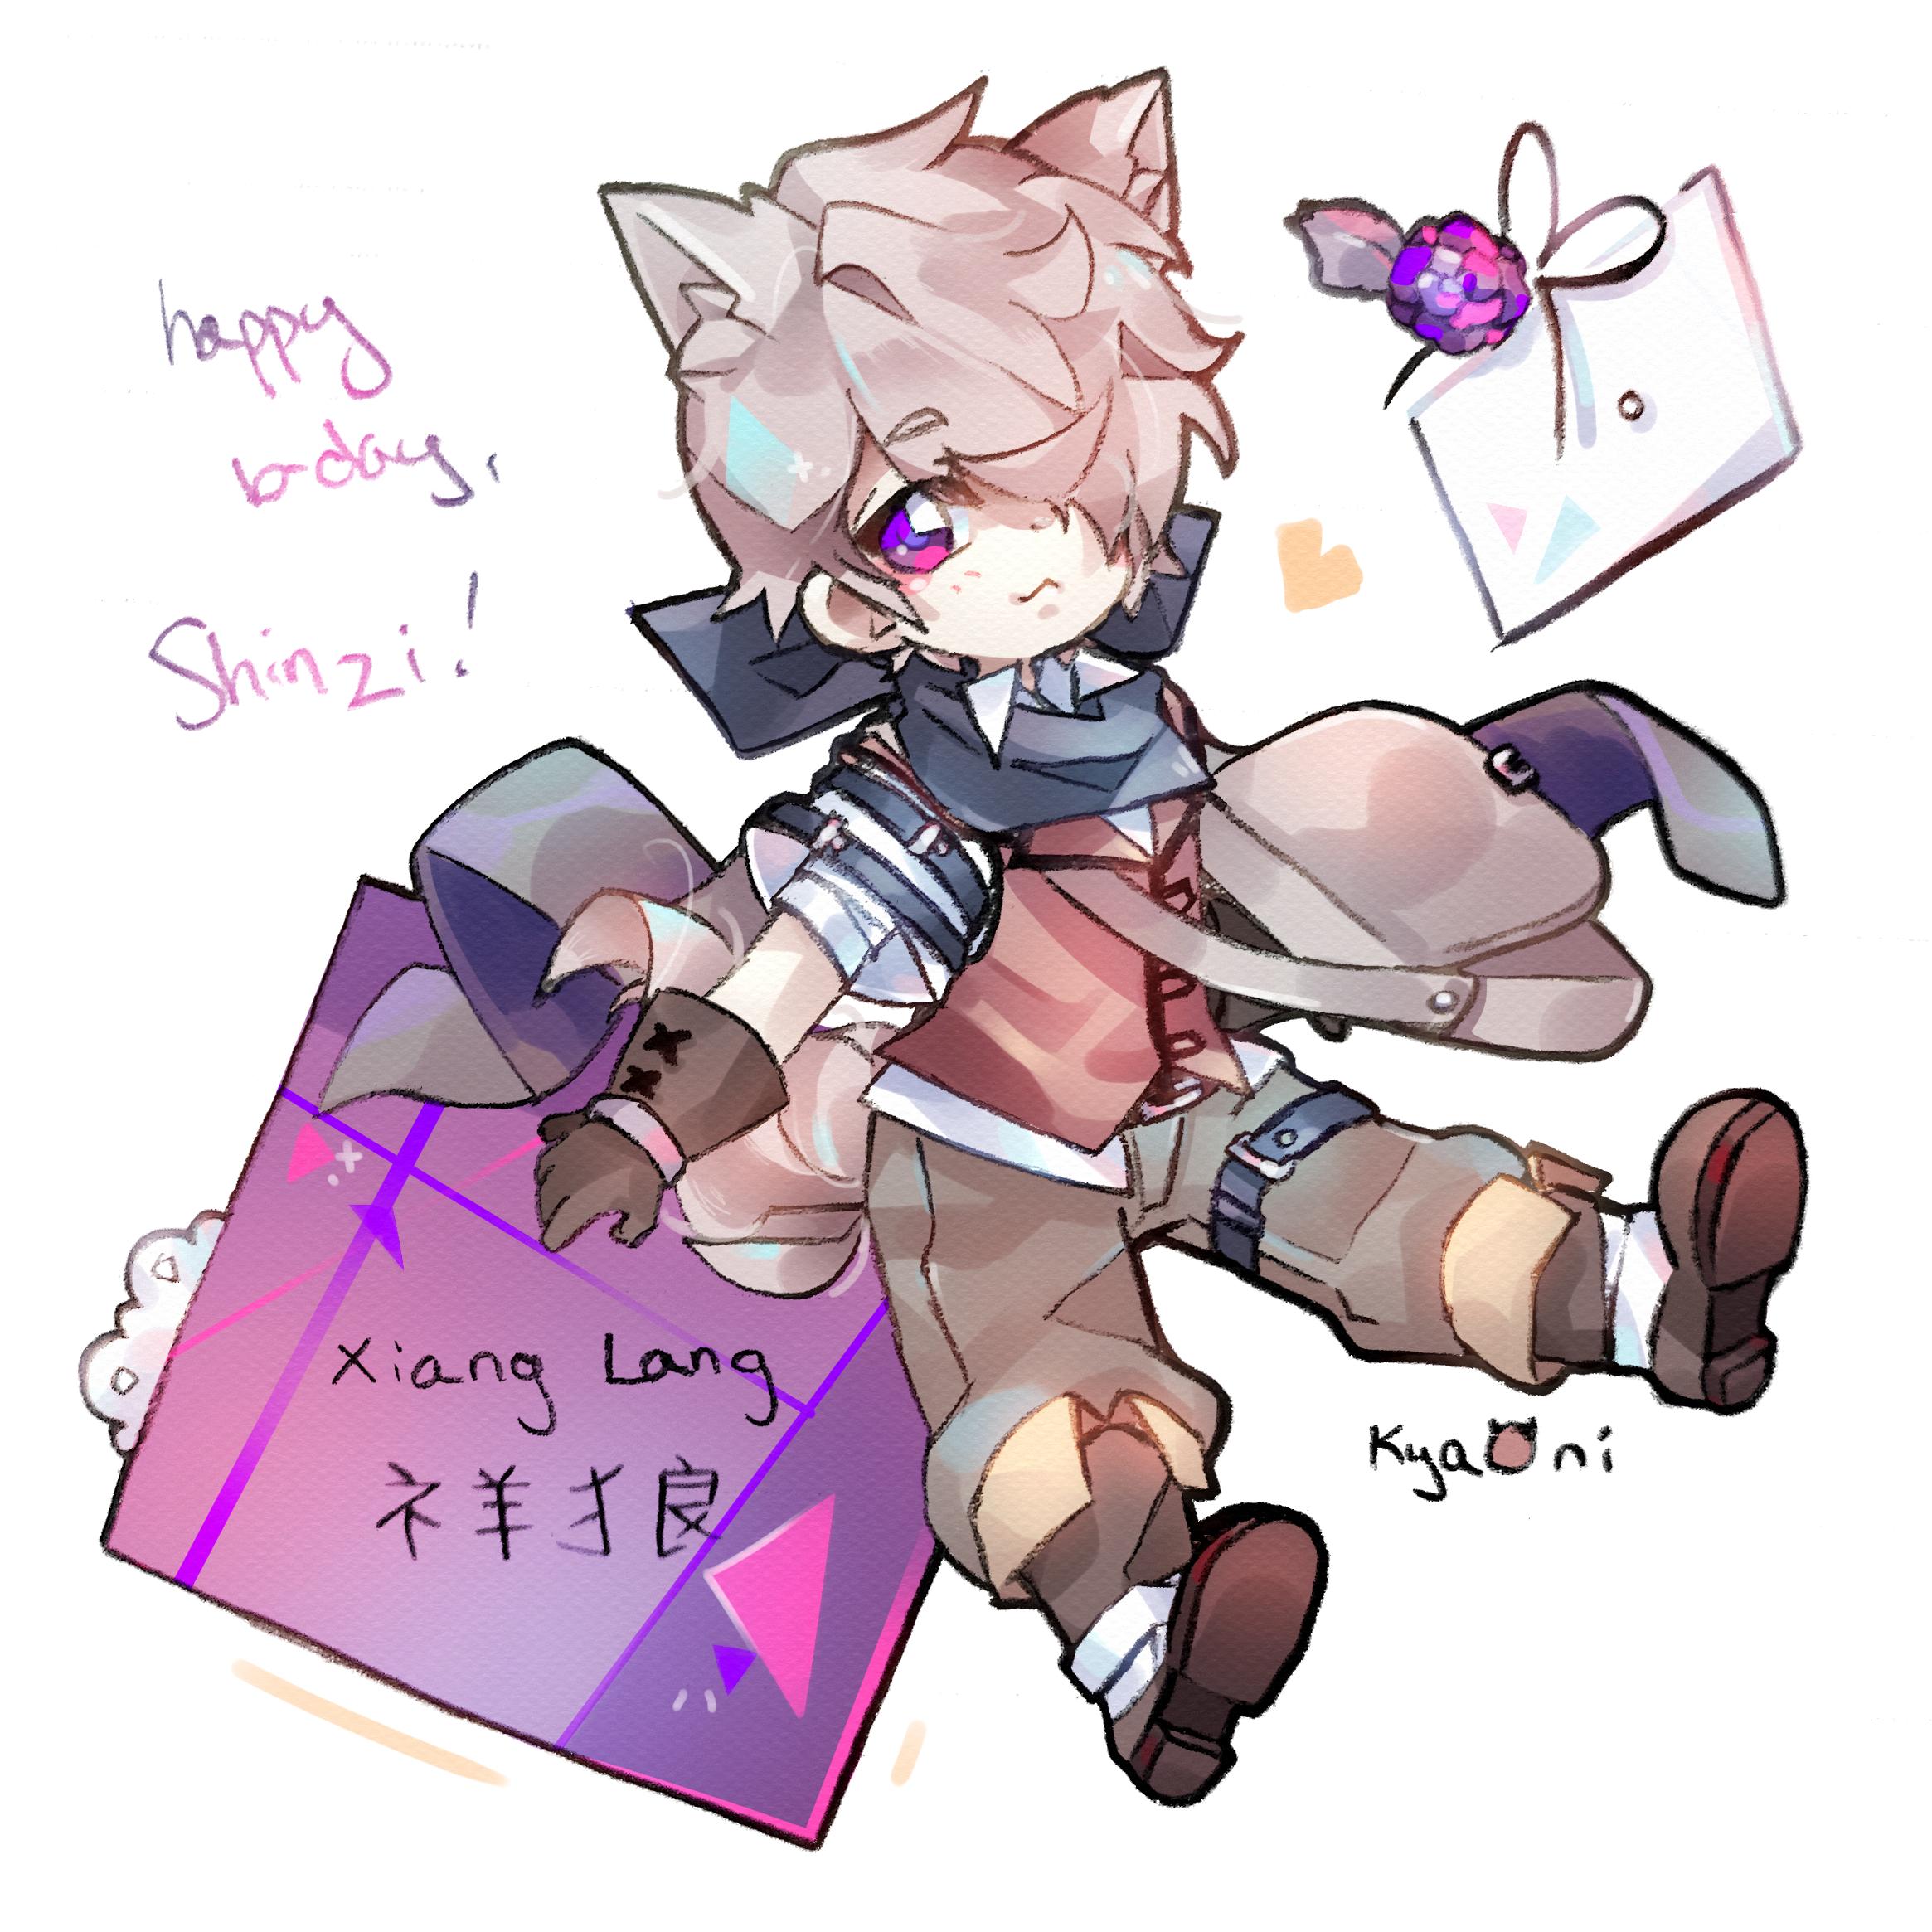 b-day gift for fren (Shinzi)